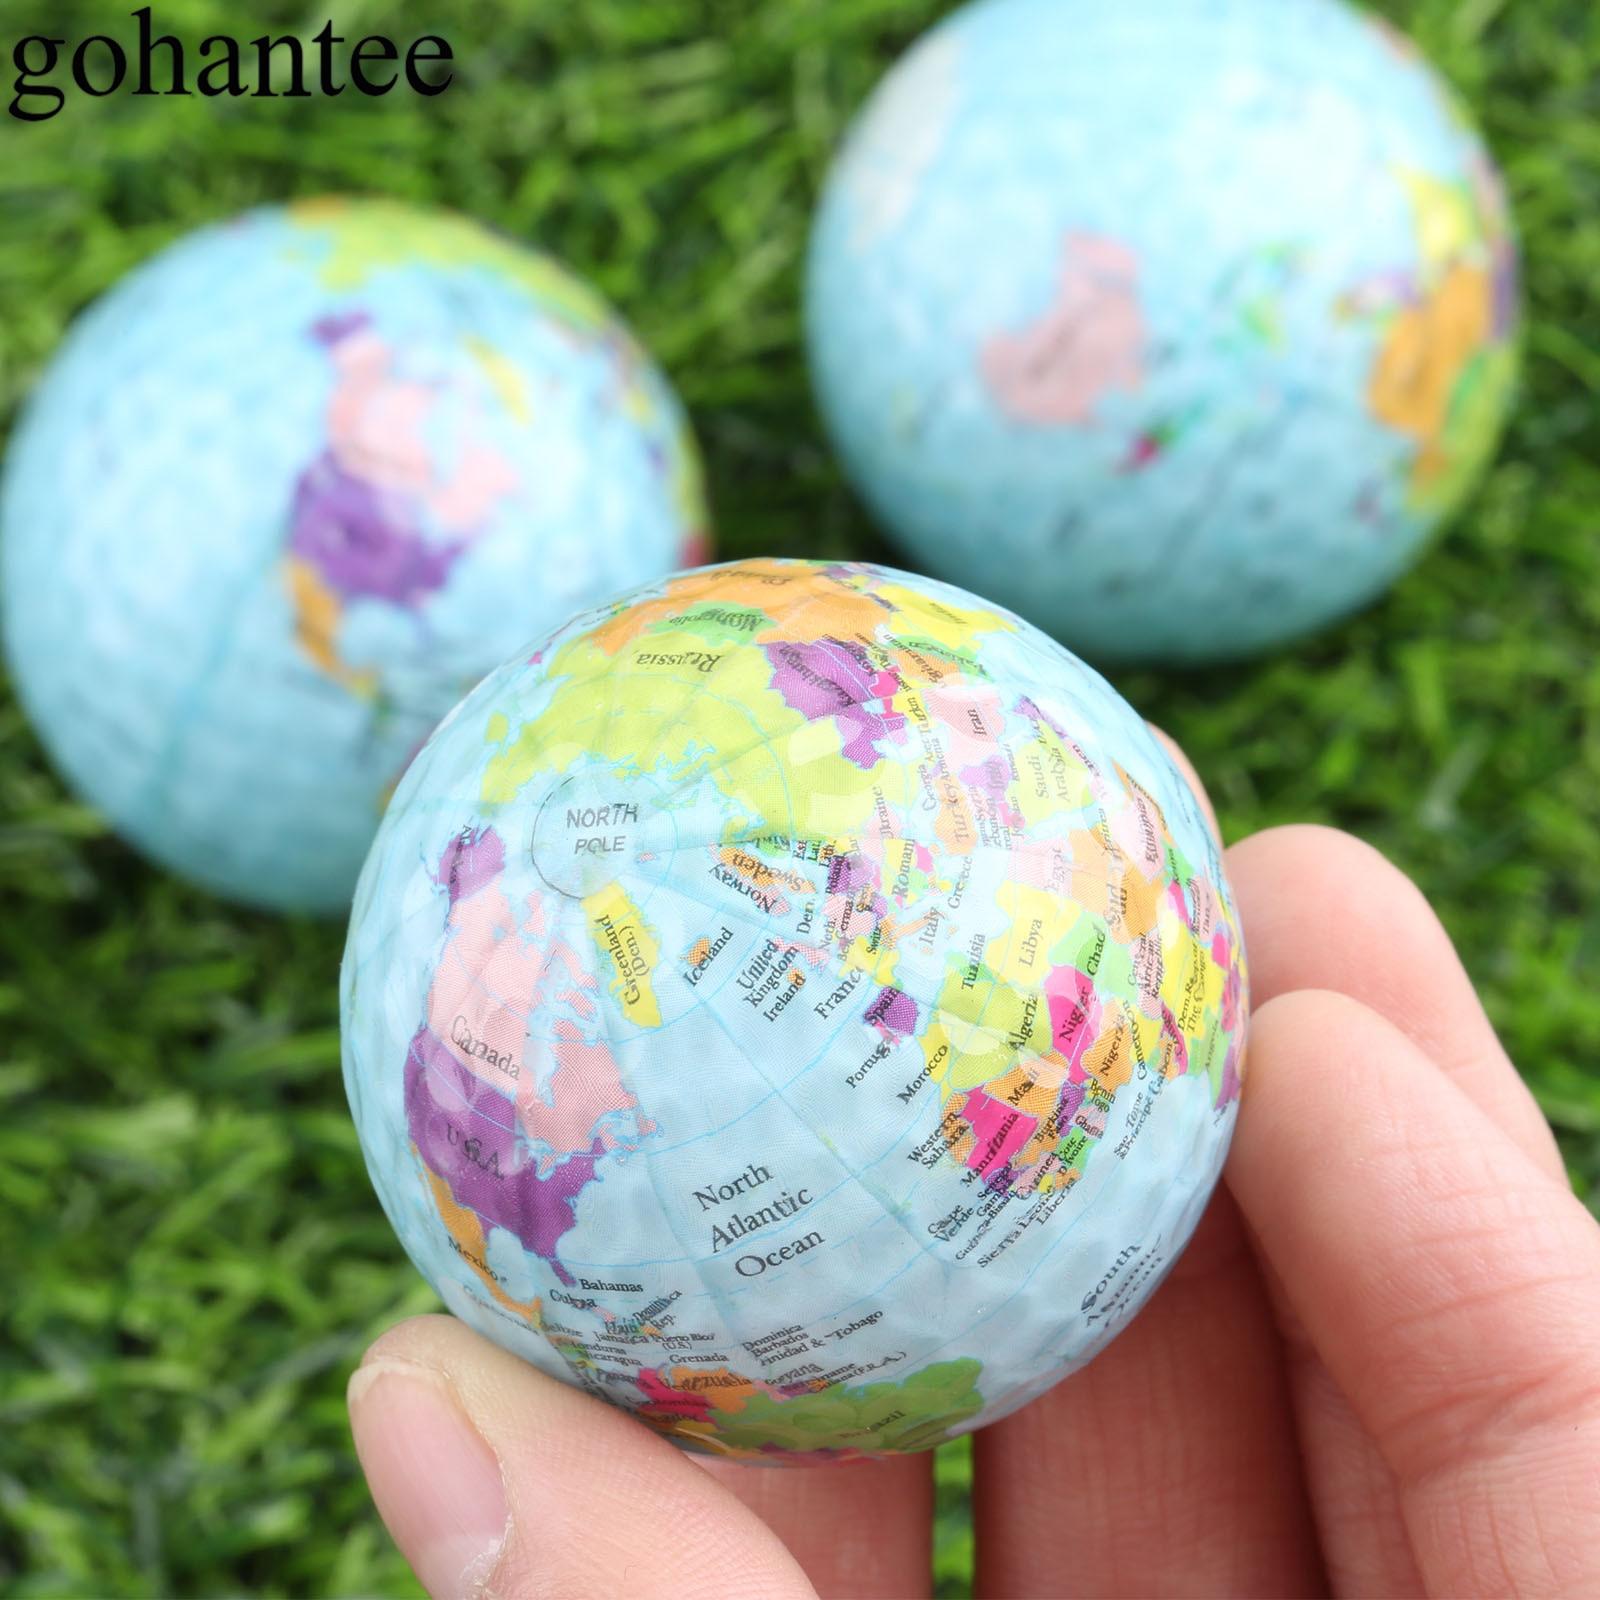 Мячи для гольфа gohantee 3 шт./лот шары с картой цвета мячи для игры в гольф сурлин тренировочные мячи для гольфа диаметр 42,7 мм подарочные мячи дл...